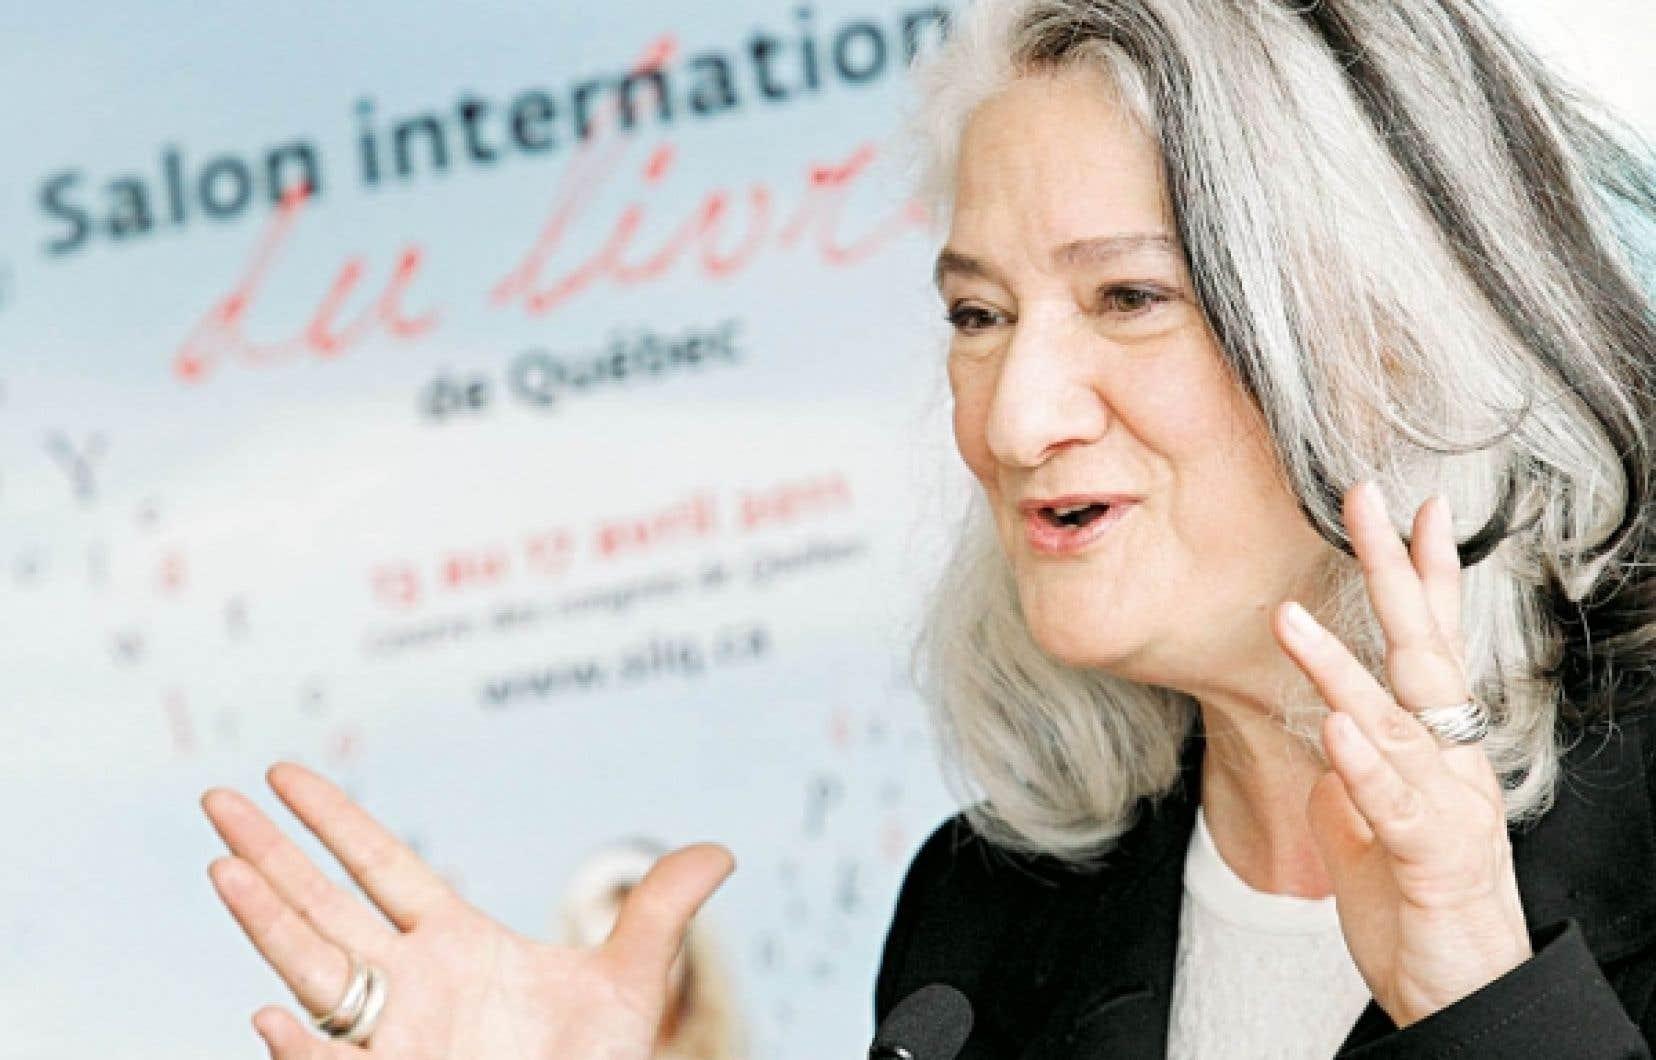 L&rsquo;auteure Marie Laberge est pr&eacute;sidente d&rsquo;honneur du Salon du livre de Qu&eacute;bec pour la troisi&egrave;me fois.<br />